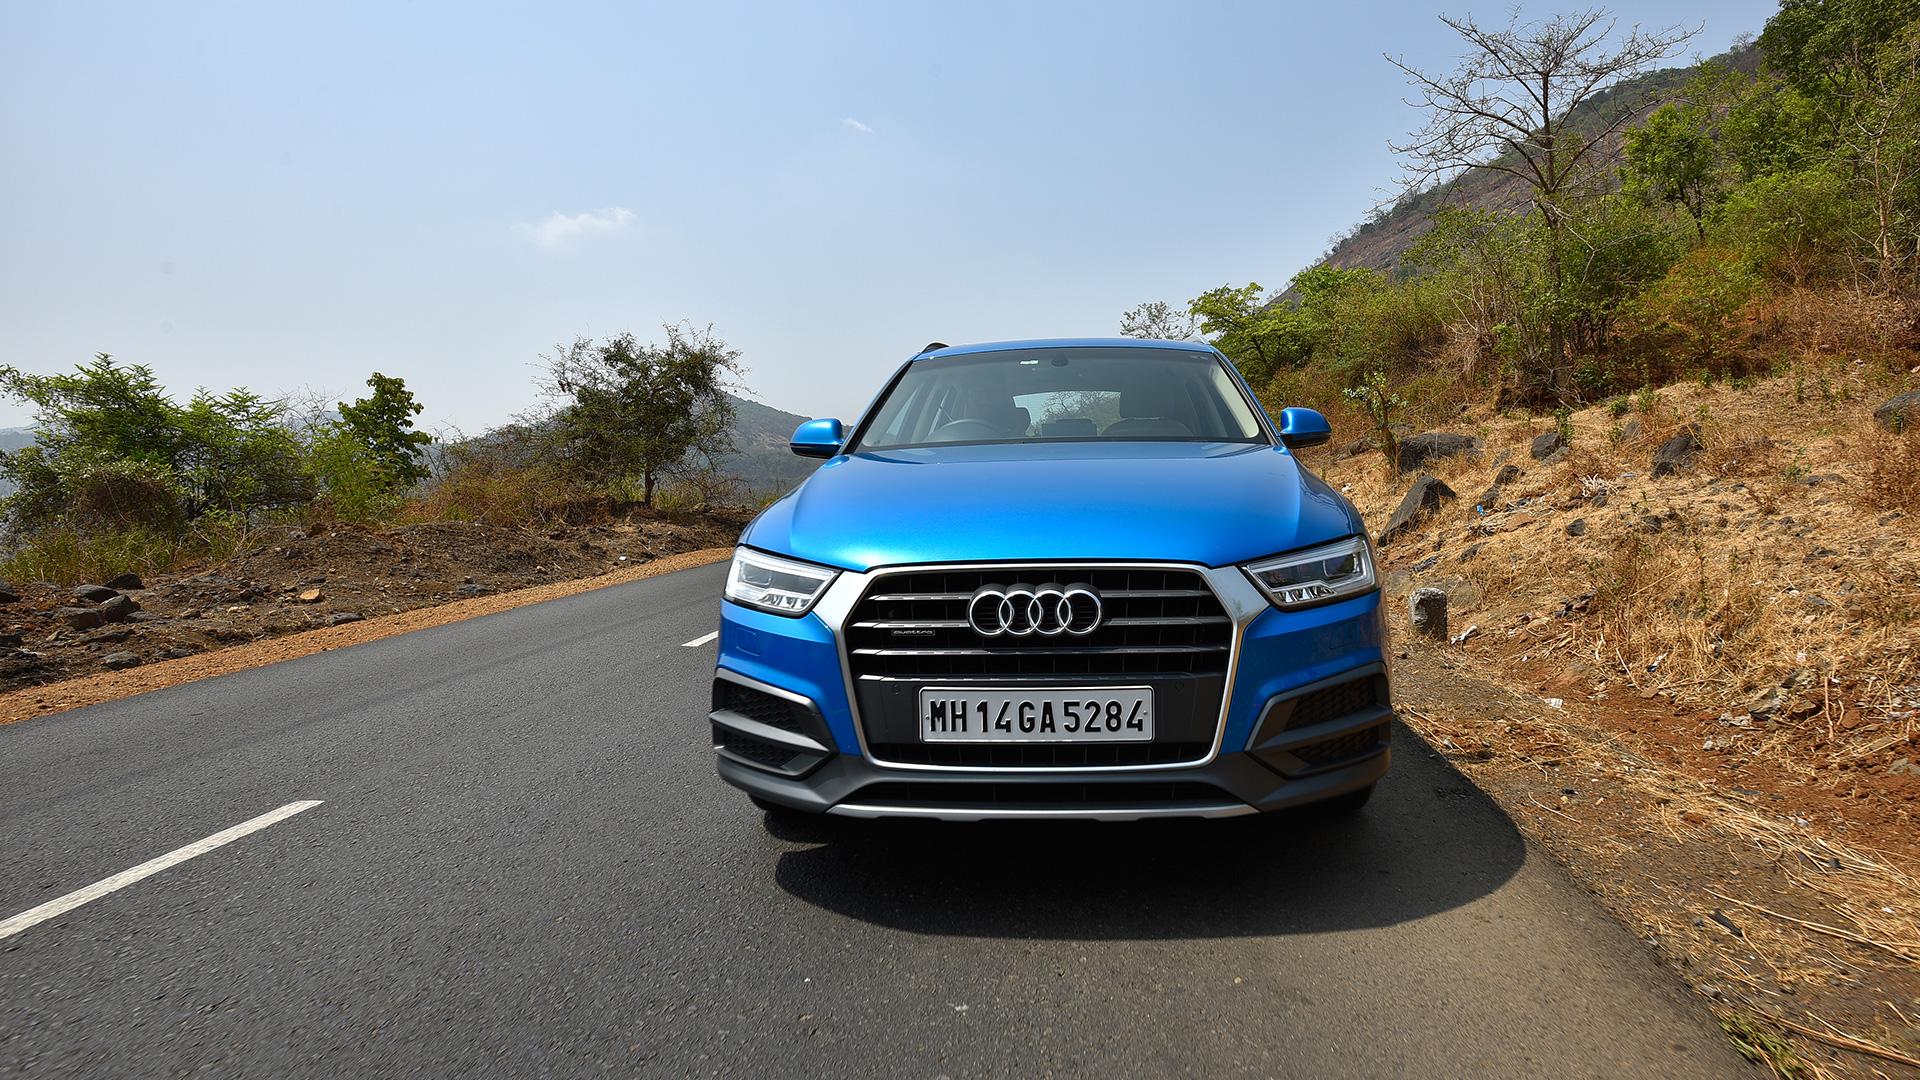 Audi Q3 2017 35 Tdi Quattro Premium Plus Price Mileage Reviews